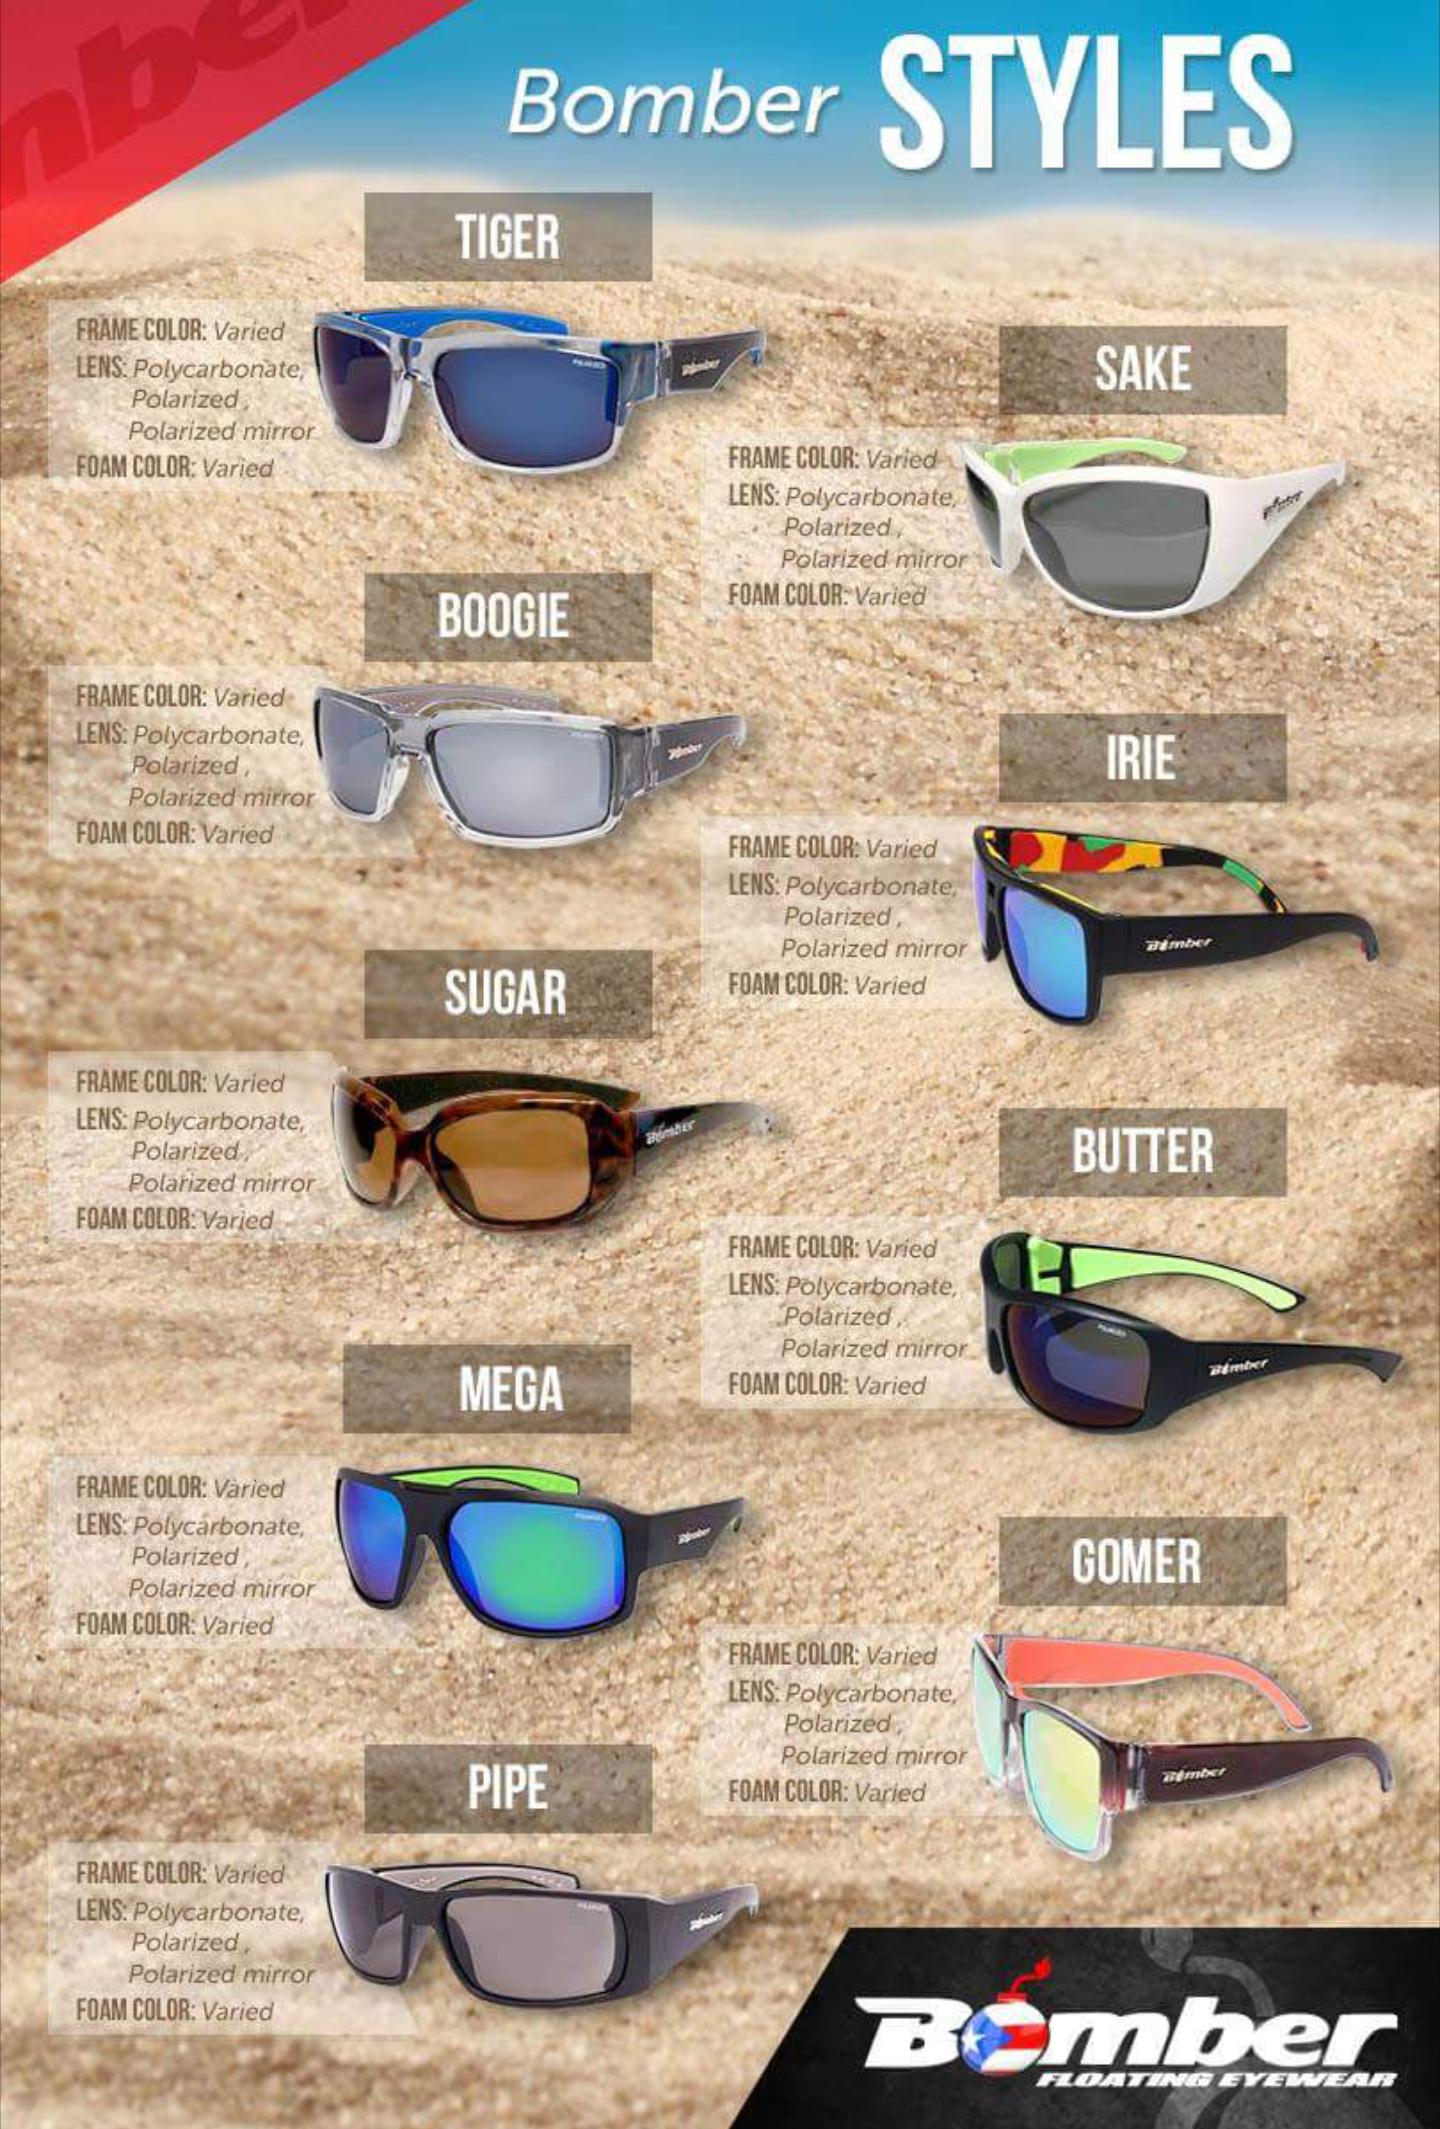 Bomber  floating eyewear